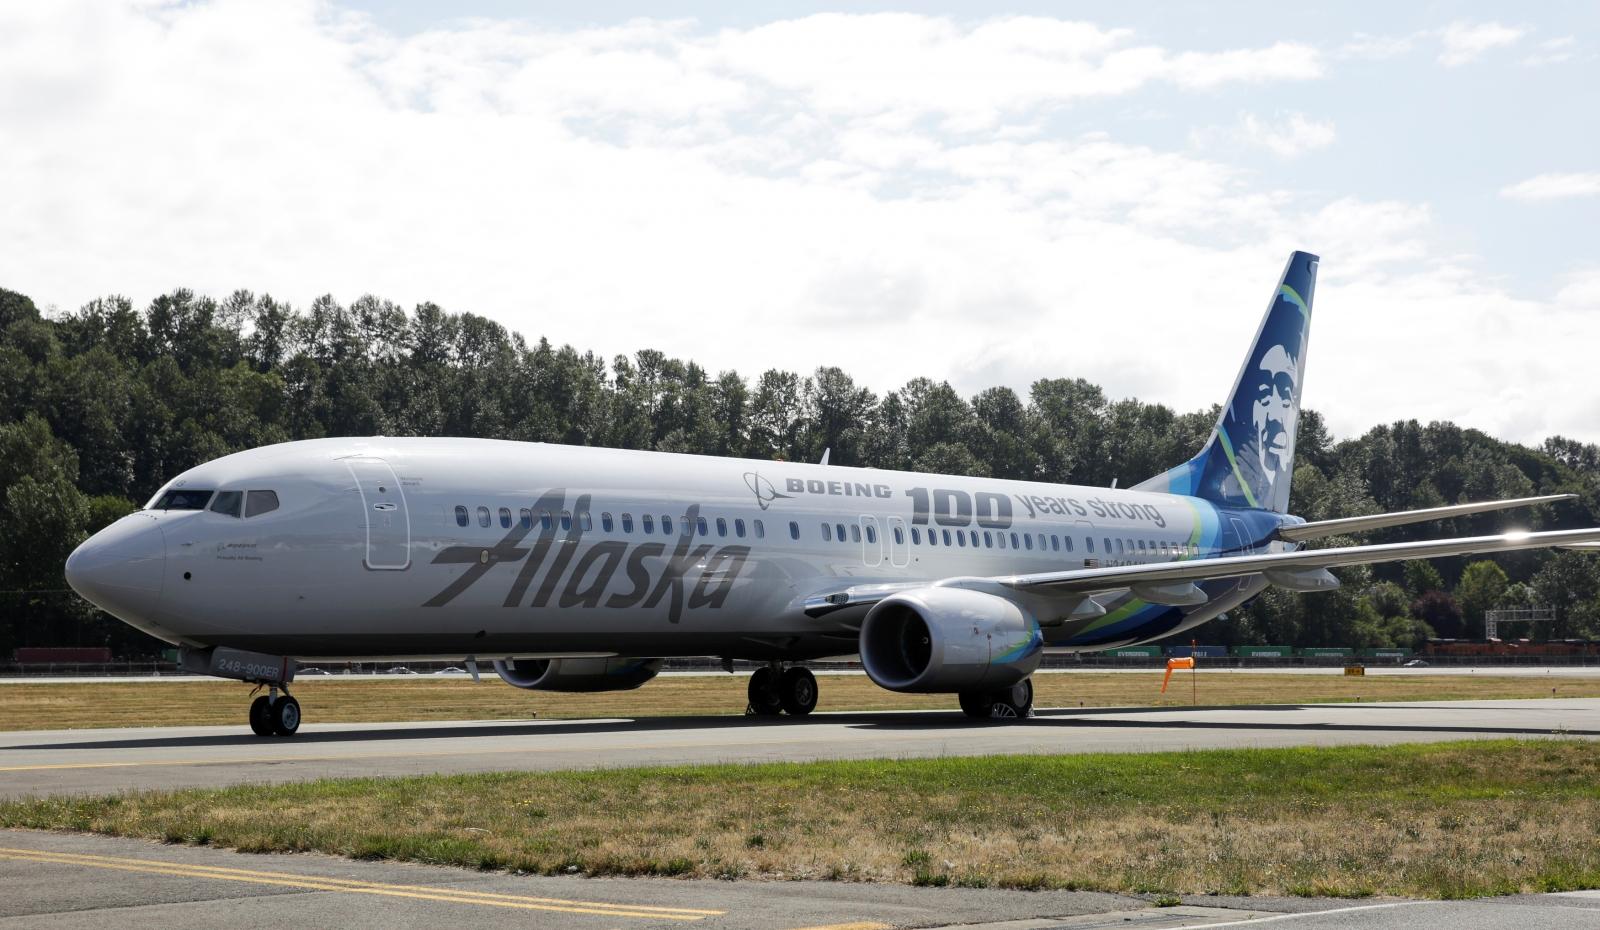 Yasmine Airline Ris New